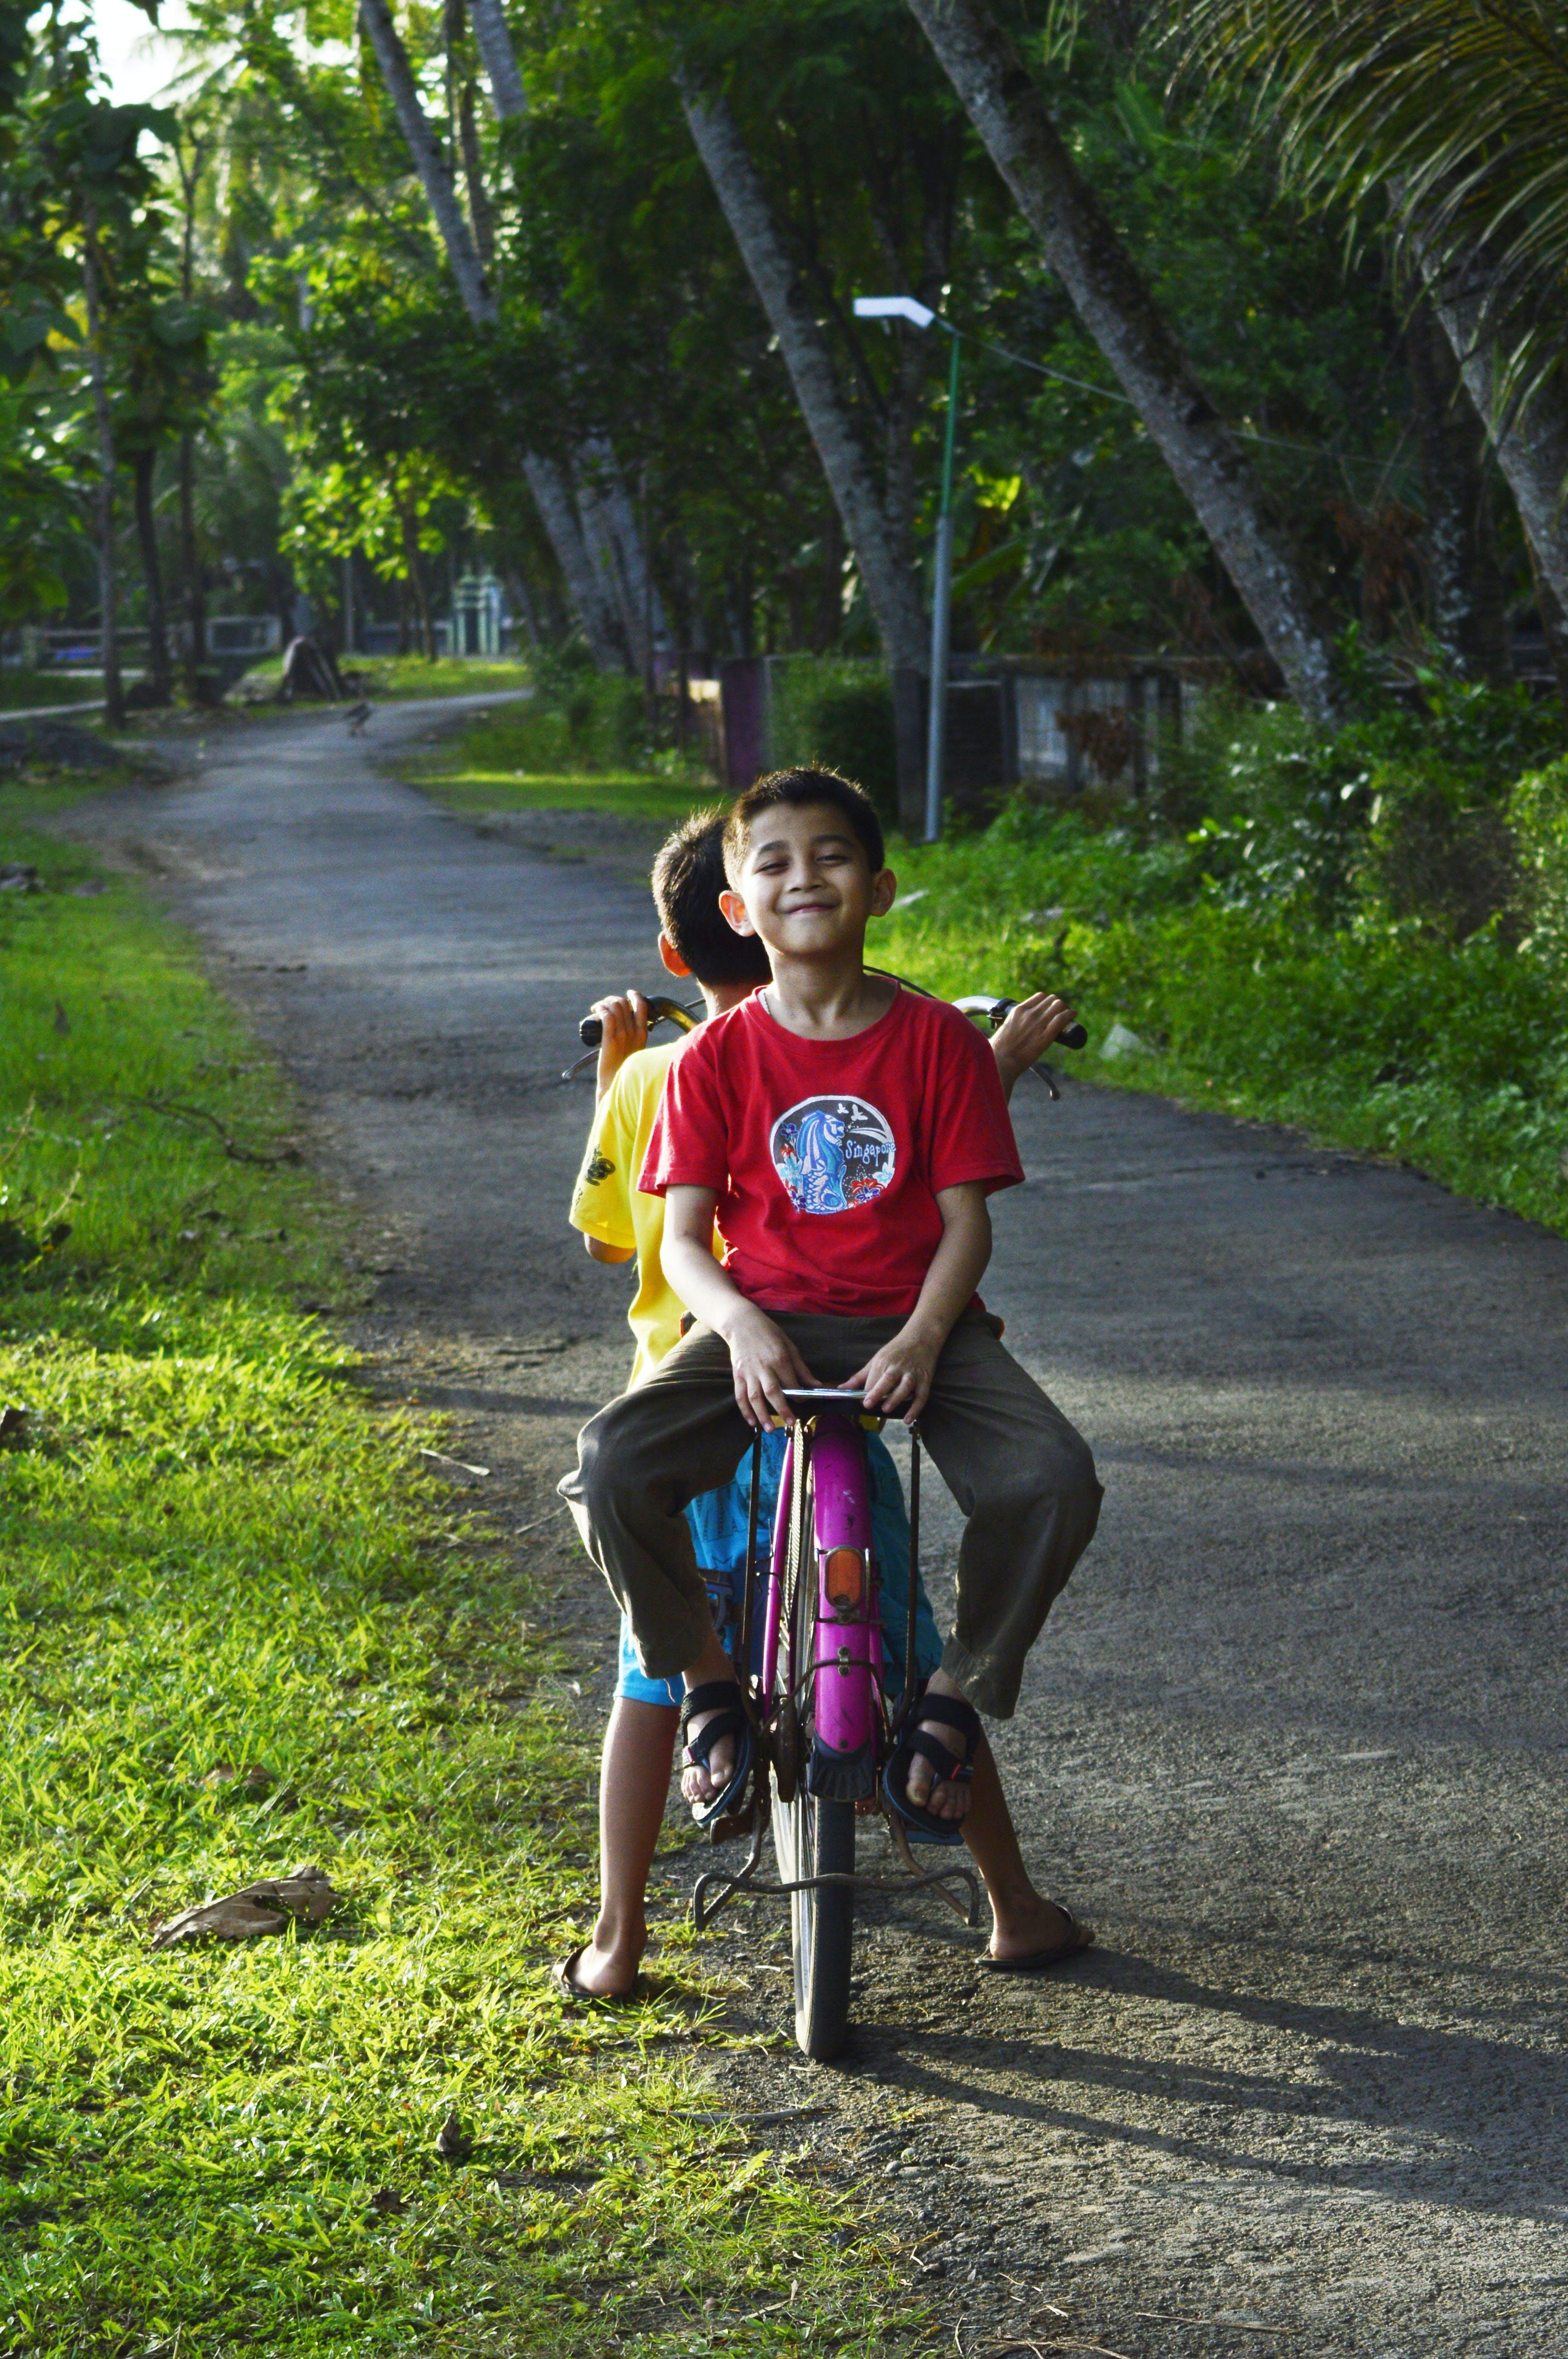 Kostenloses Stock Foto zu draußen, entspannung, erholung, fahrrad